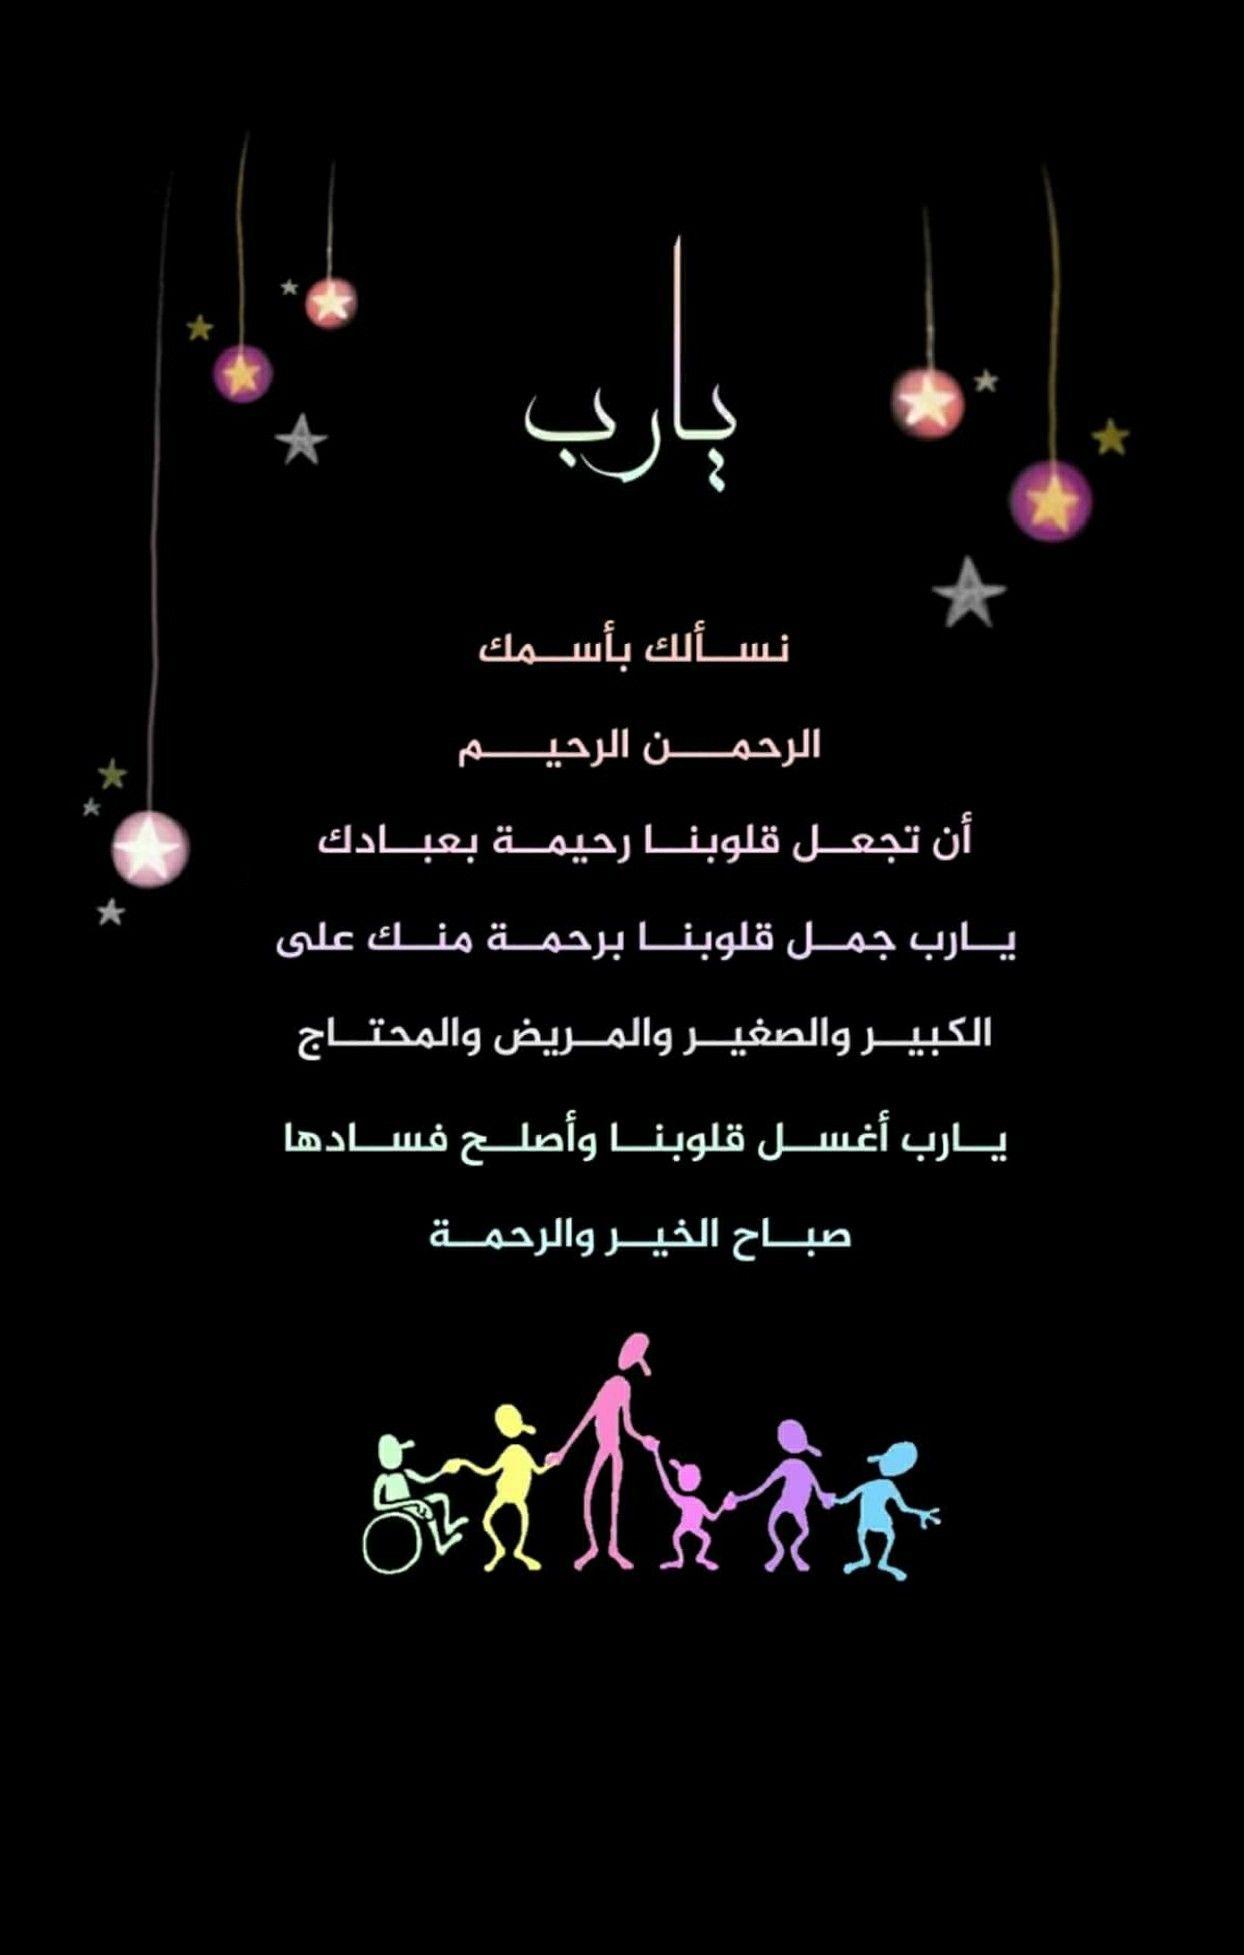 يــارب ندعــوك بأســمك الرحمــن الرحيــم أن تجعــل قلوبنــا رحيمــة بعبــادك يــارب جمــل قلوبنــا برحمــة م Ramadan Greetings Ramadan Crafts Ramadan Cards